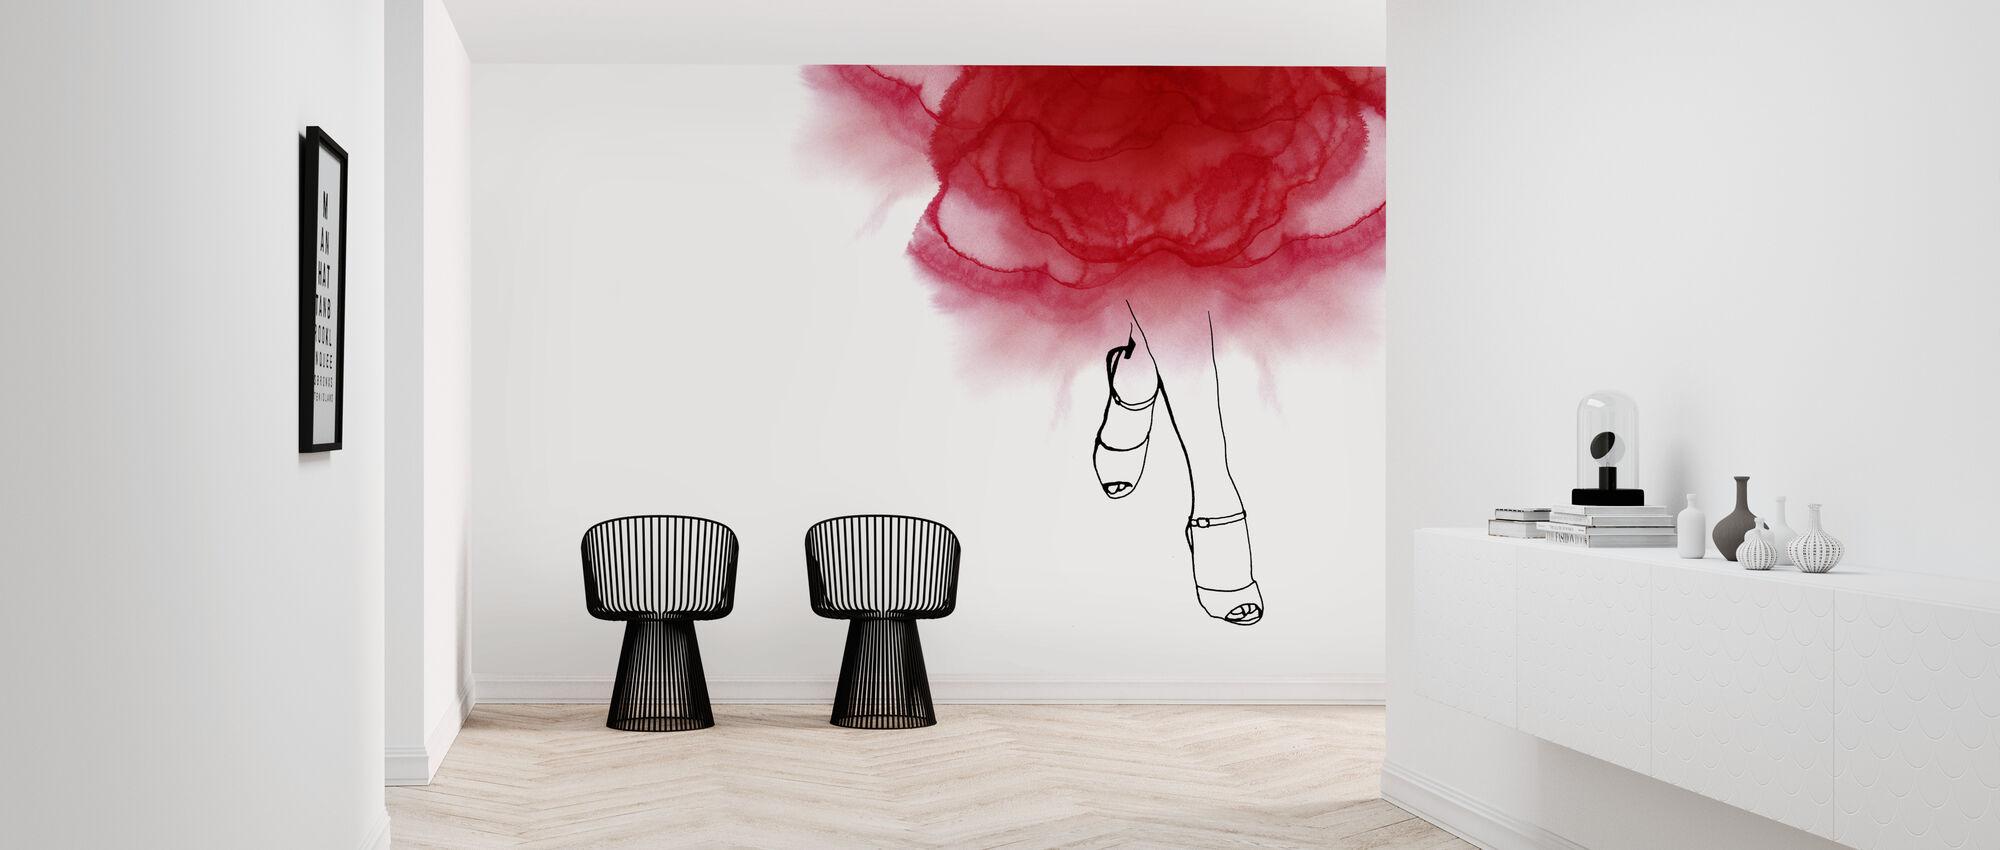 Walk with Me - Wallpaper - Hallway